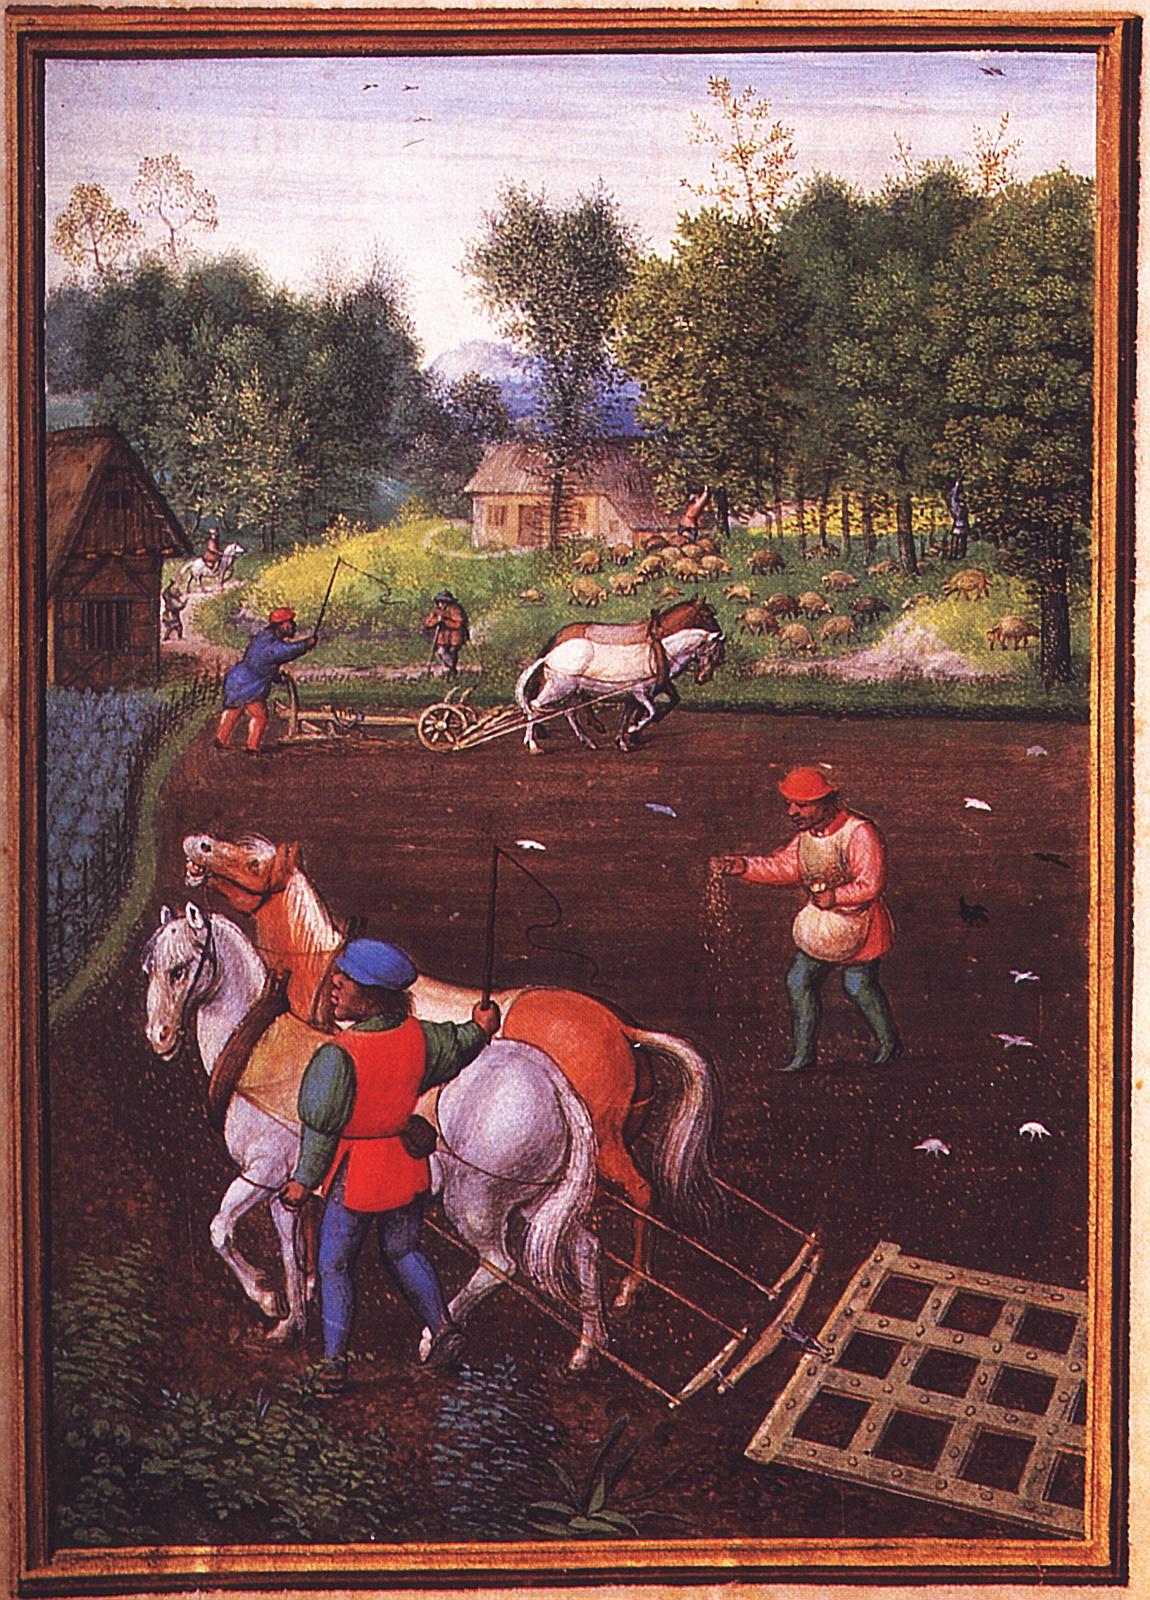 Statt des üblichen September-Motivs der Weinlese zeigt Simon Bening im 16. Jahrhundert das Eggen, Pflügen und Säen des Wintergetreides. München, StB, cod. lat. 23638, fol. 10v.